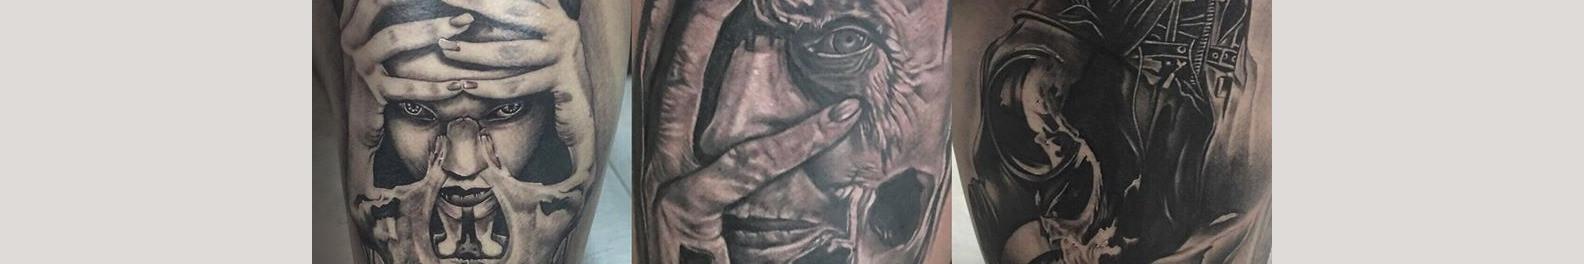 Malaga INK Tattoo Studio